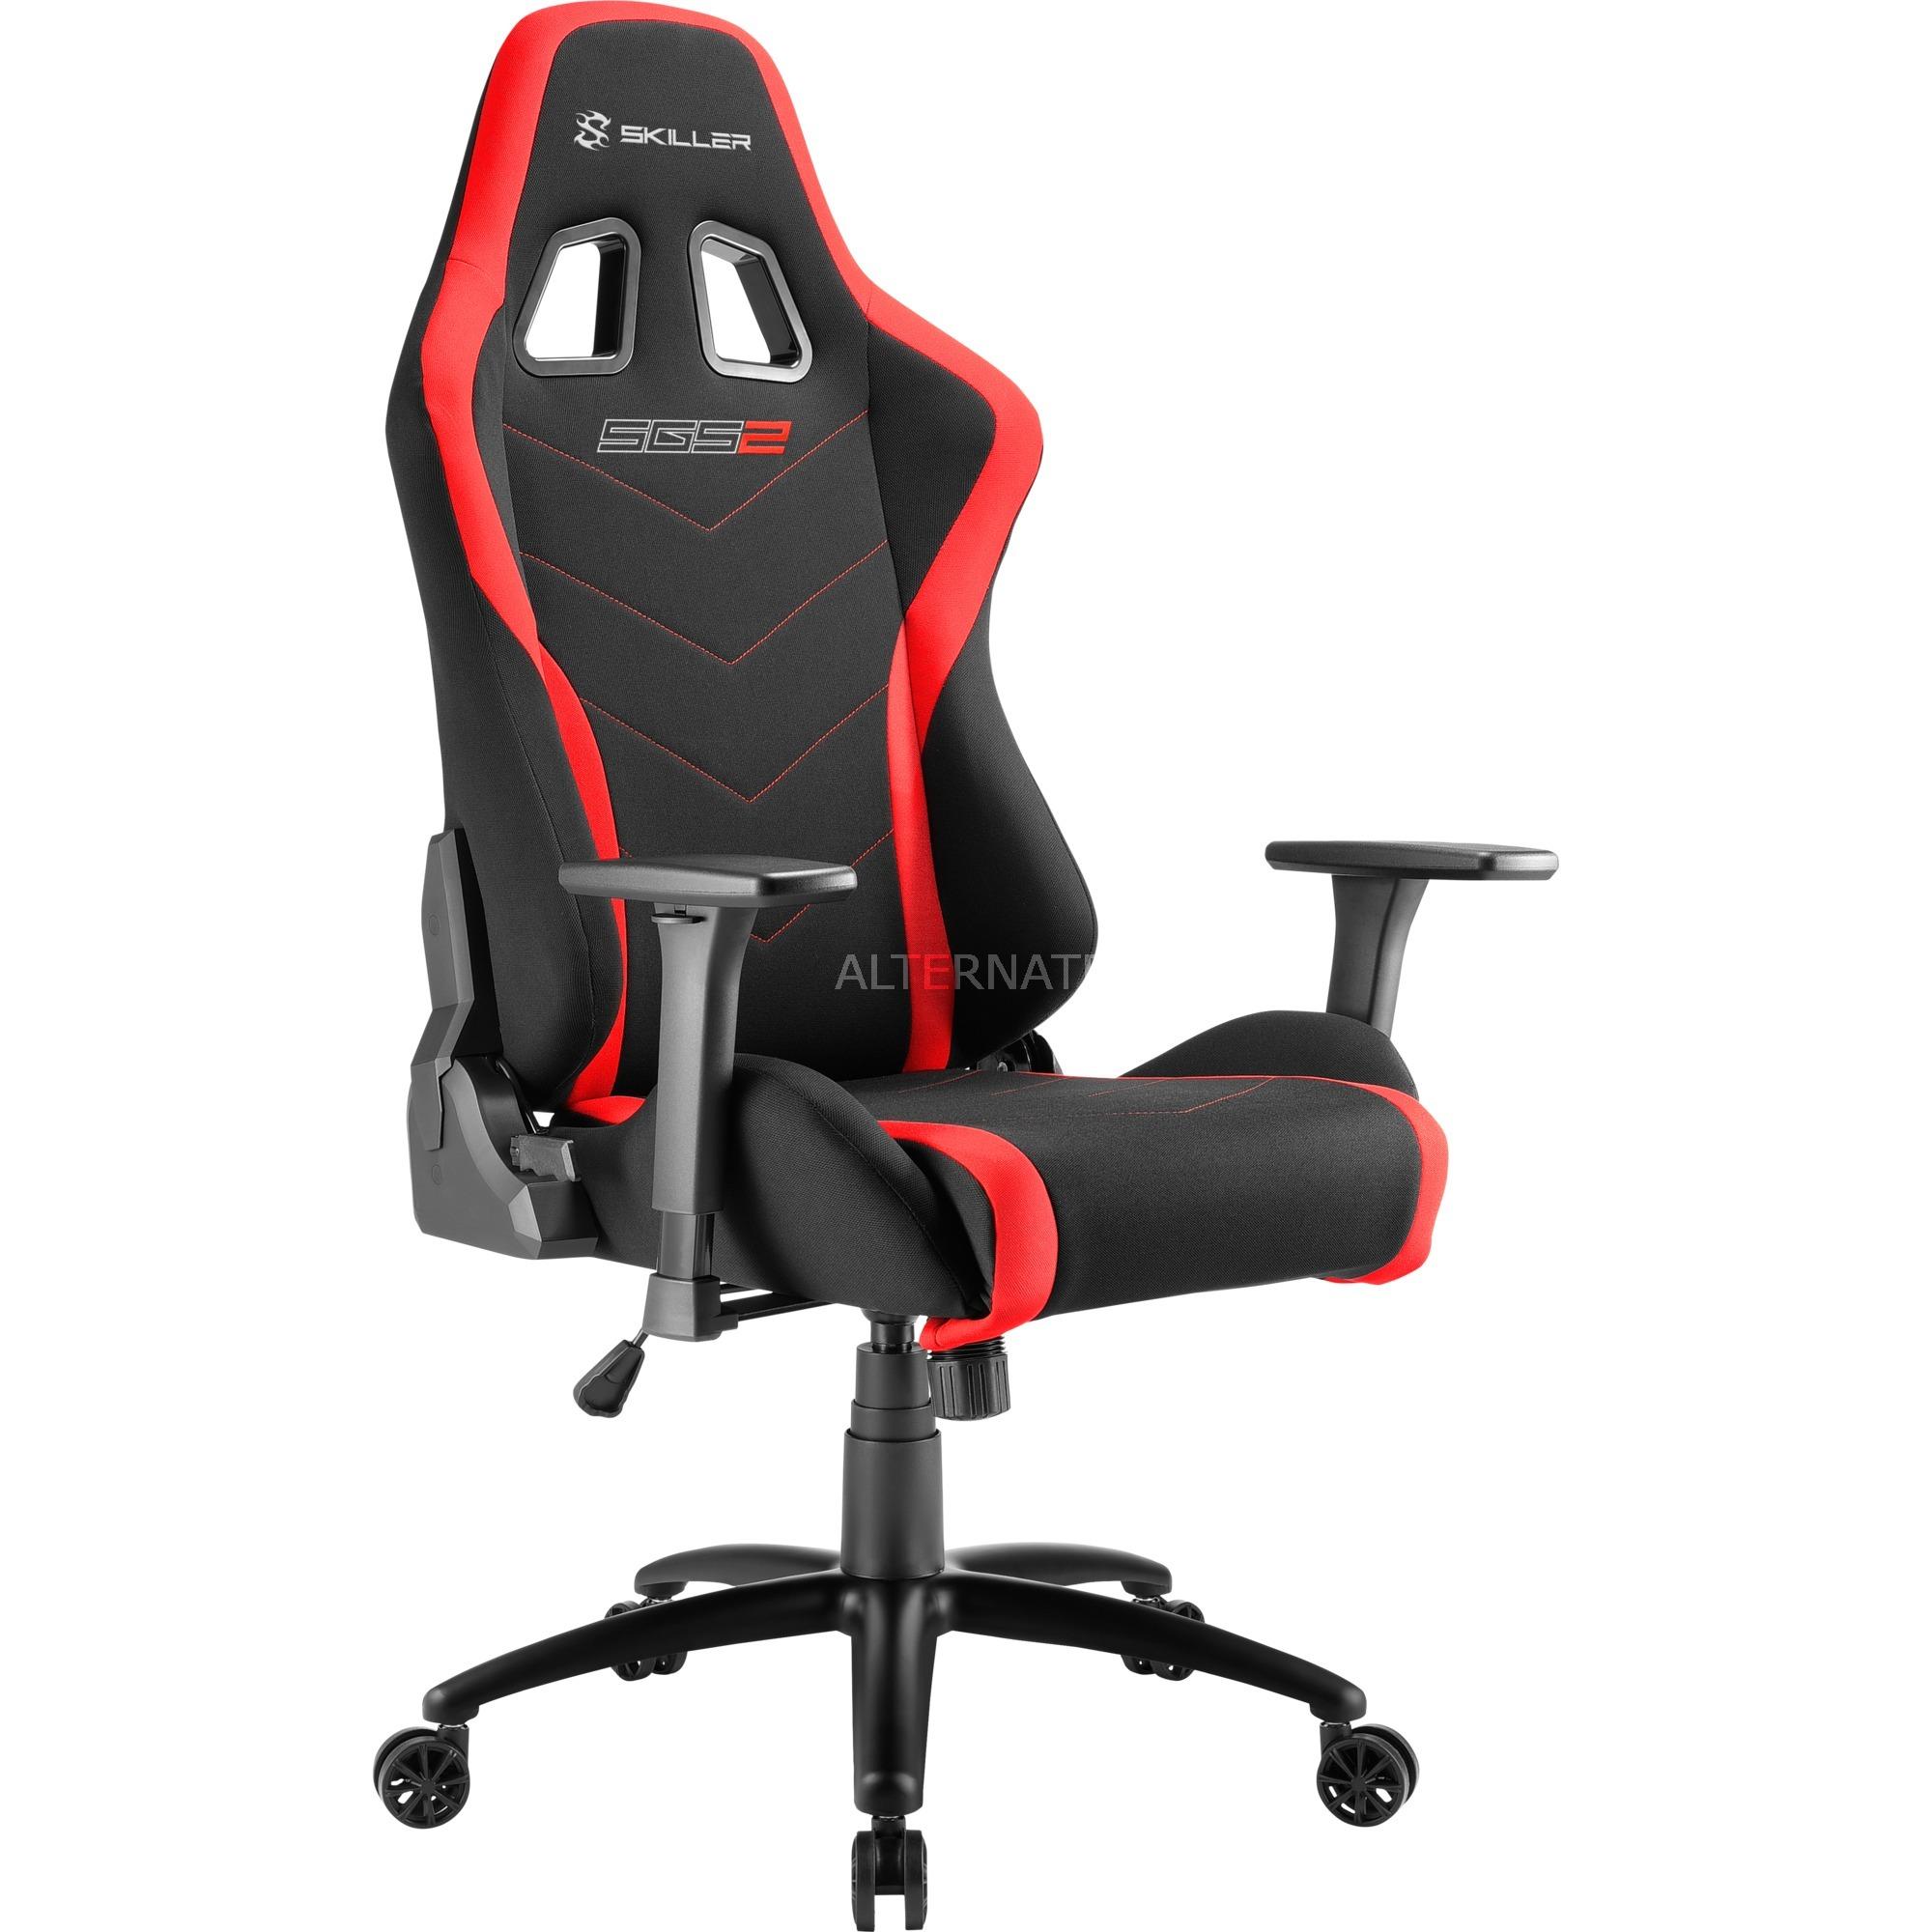 ChairStuhlschwarzrot Gaming Sgs2 Skiller Skiller Sgs2 Gaming Skiller ChairStuhlschwarzrot Sgs2 Gaming ChairStuhlschwarzrot dhQxtrCBs